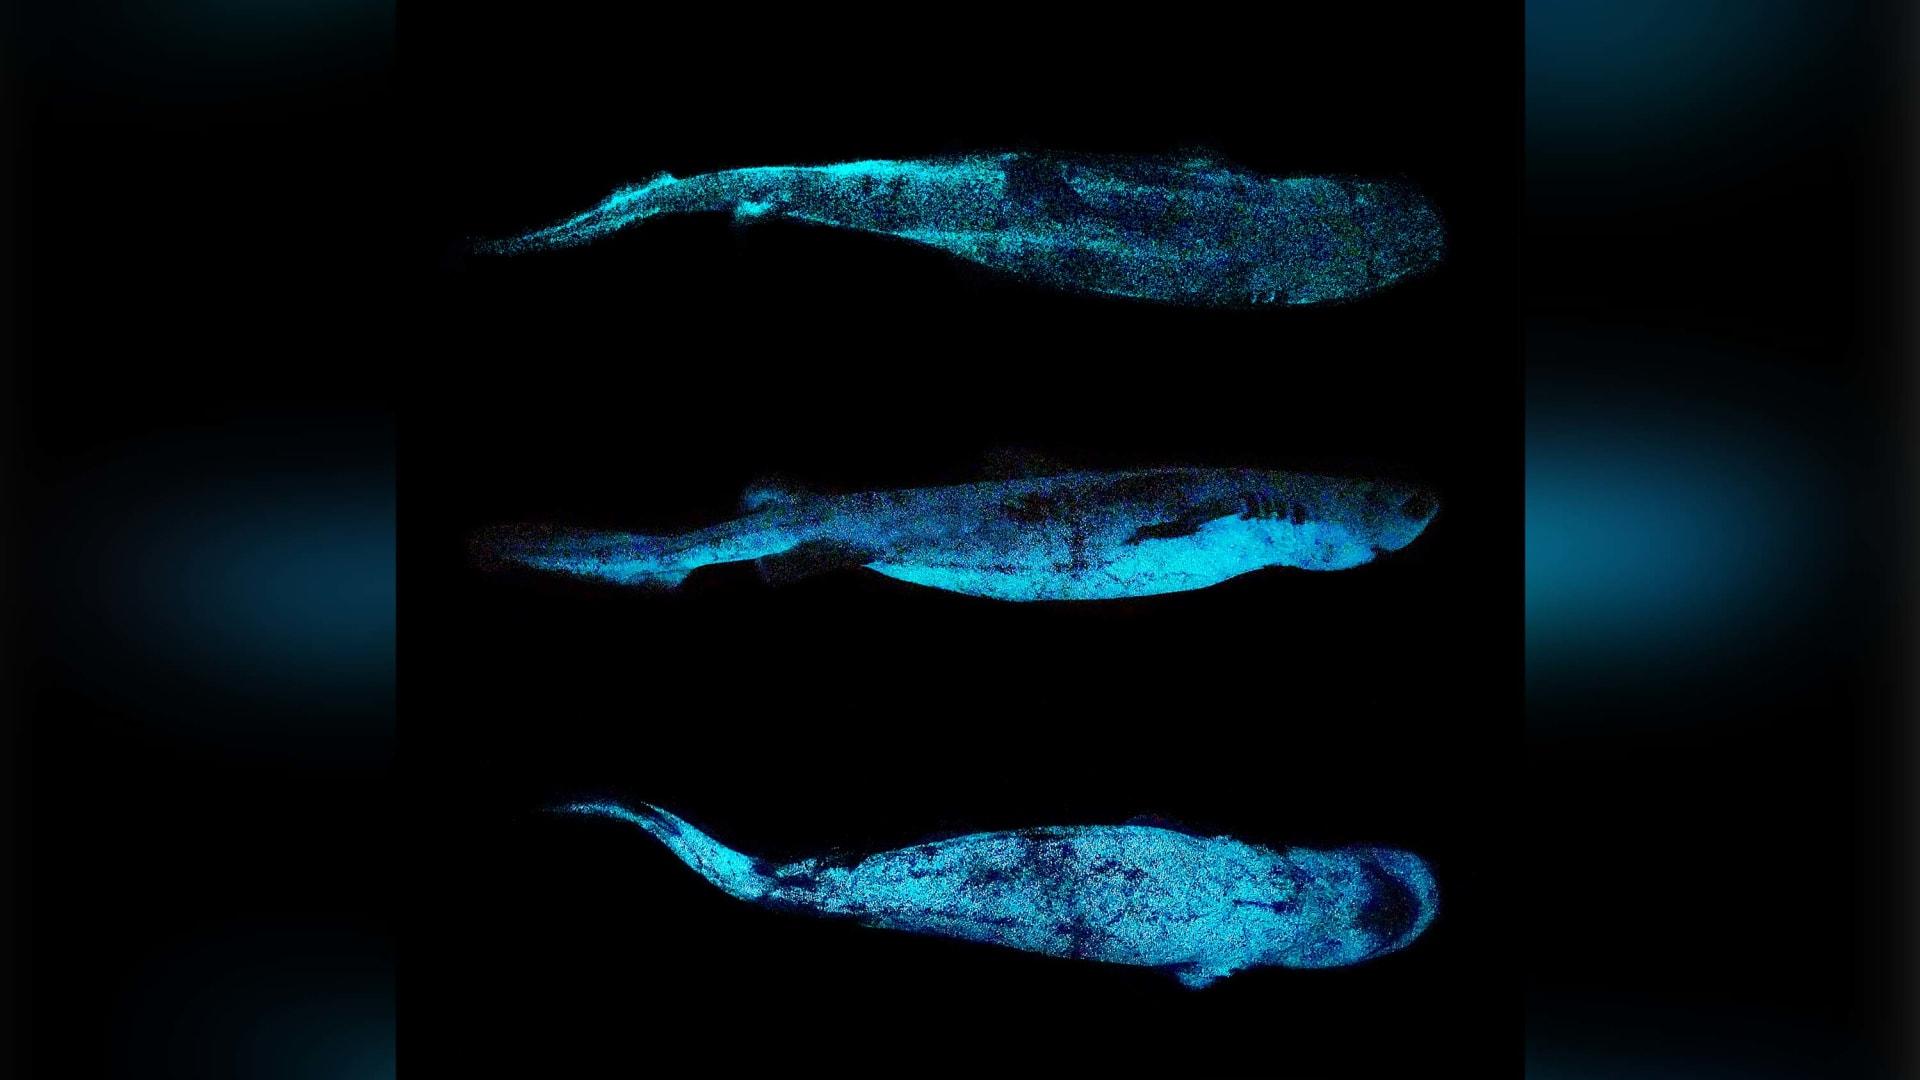 في لقطة نادرة.. دلافين متوهجة في الظلام تسبح عبر المحيط